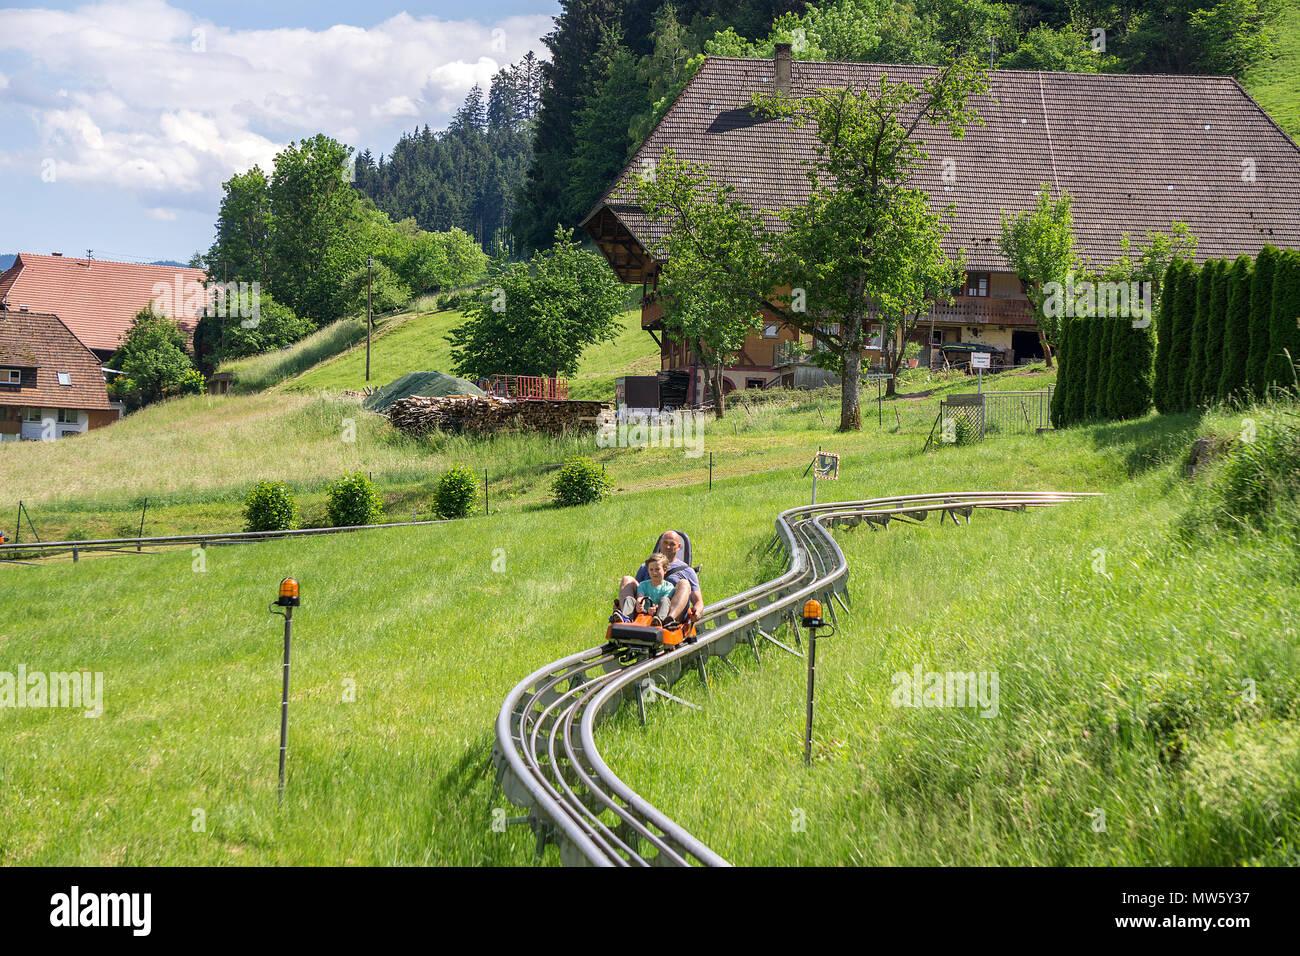 Sommerrodelbahn in Gutach, Schwarzwald, Baden-Wuerttemberg, Deutschland, Europa | Dry toboggan run at the village Gutach, Black Forest, Baden-Wuerttem - Stock Image